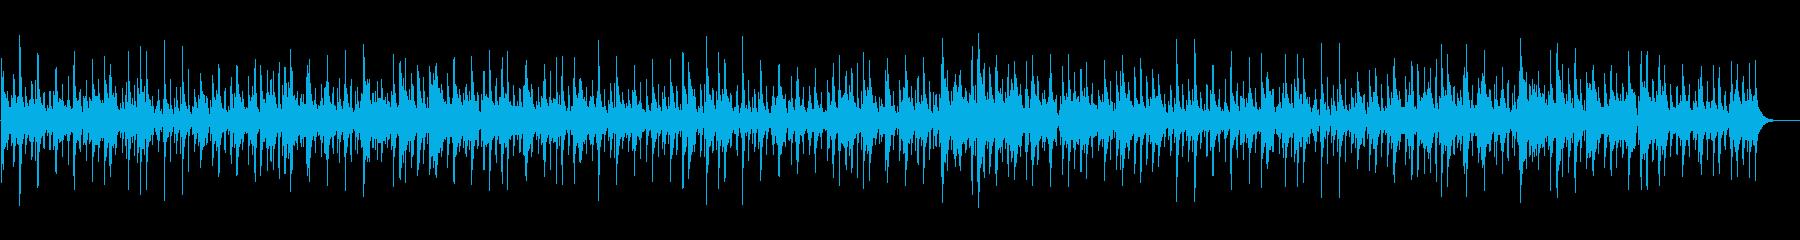 ほのぼのバンジョーのカントリーワルツの再生済みの波形